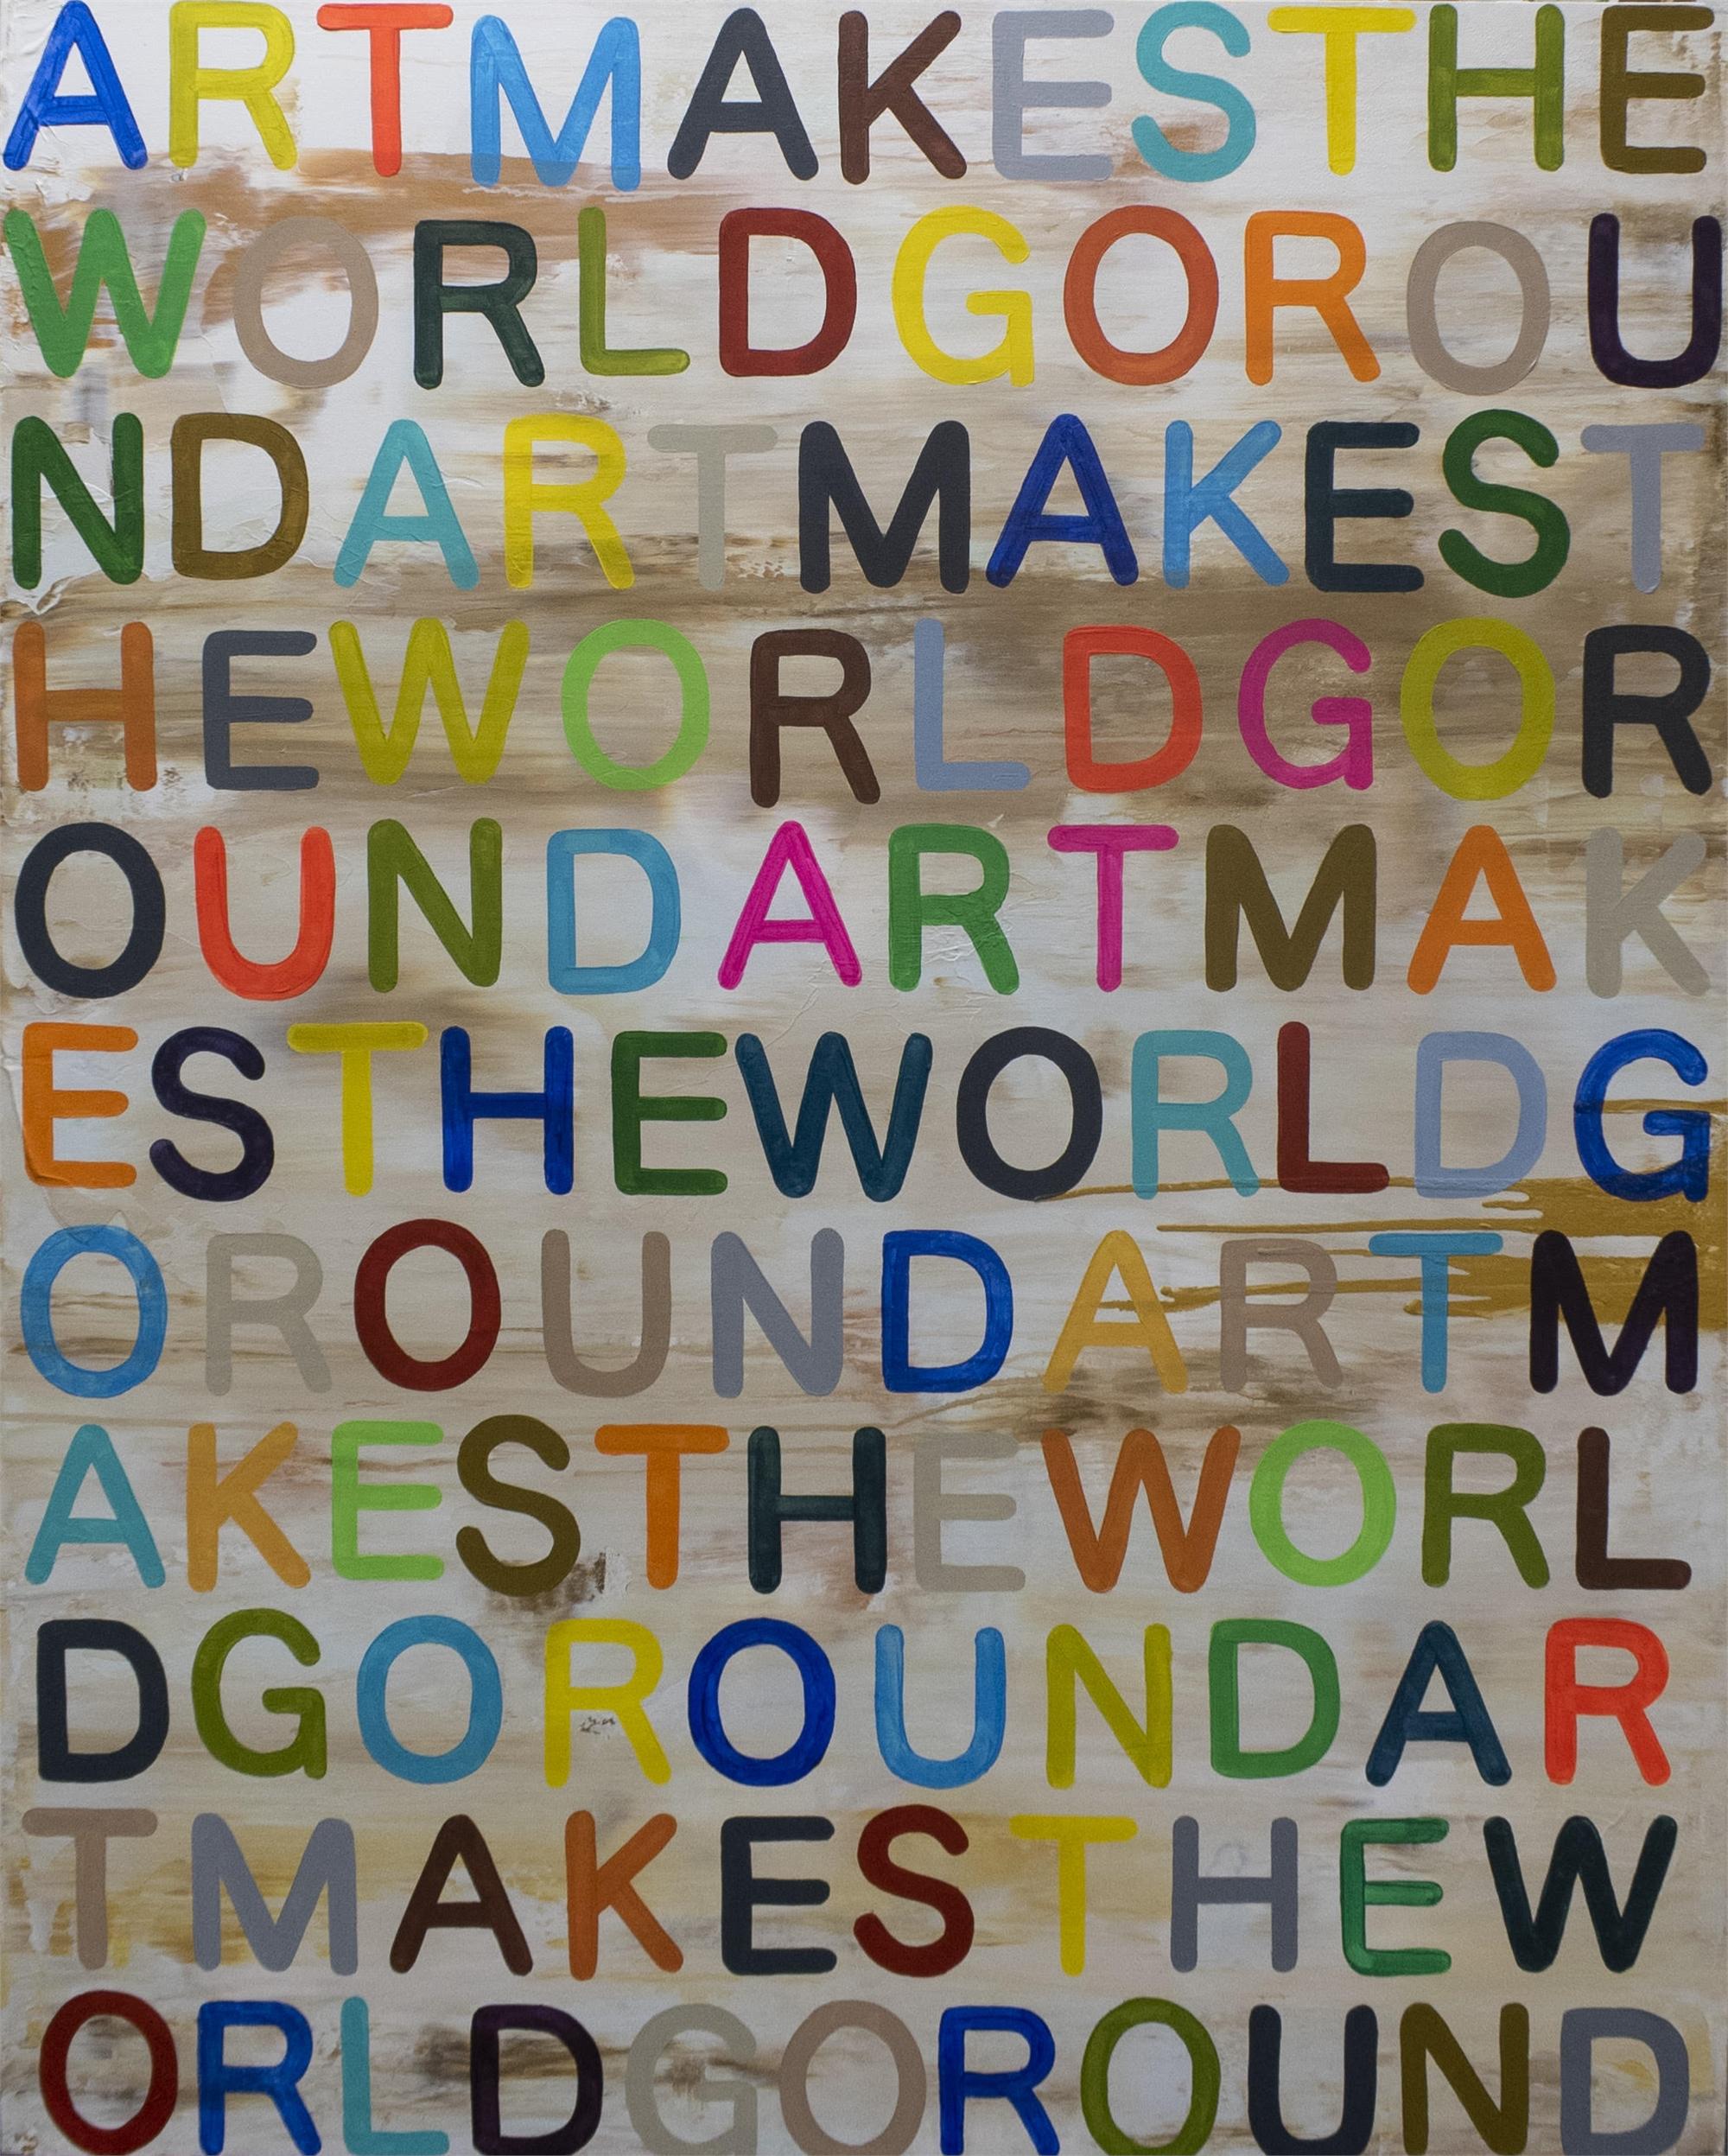 Art Makes the World Go Round by Daniel Maltzman